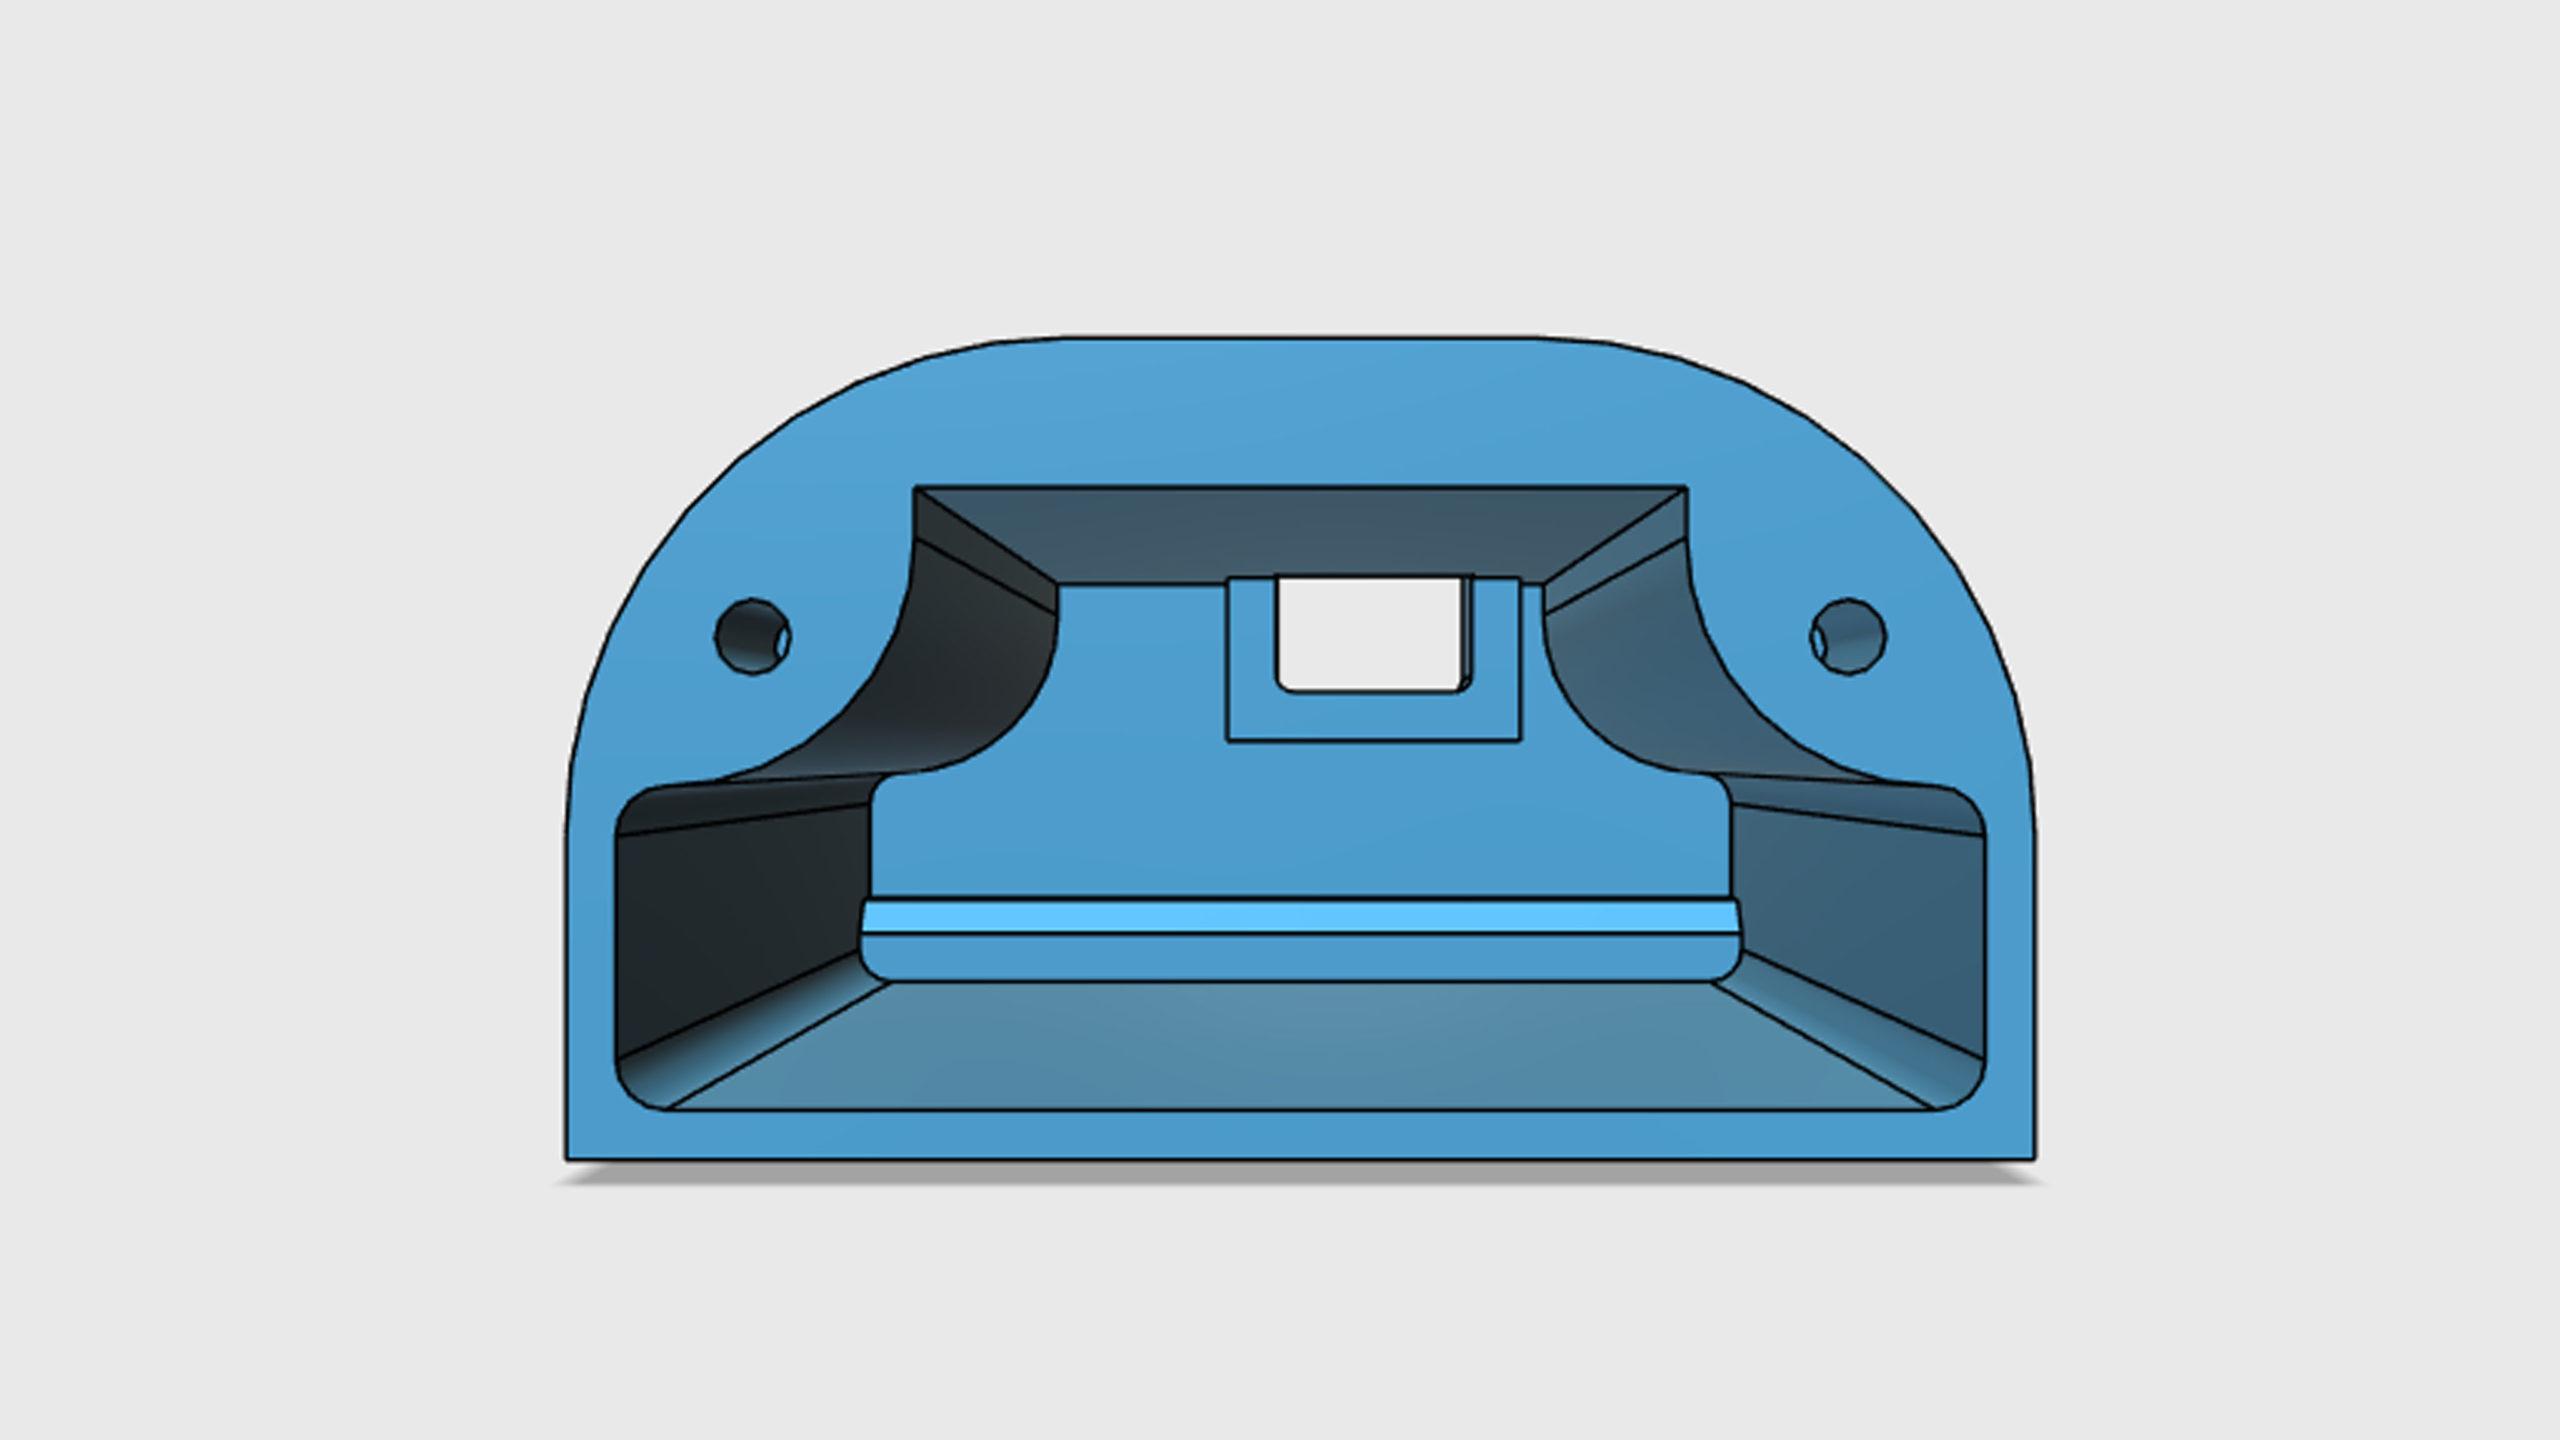 Model pouzdra pro GRBL převodník připravený pro 3D tisk